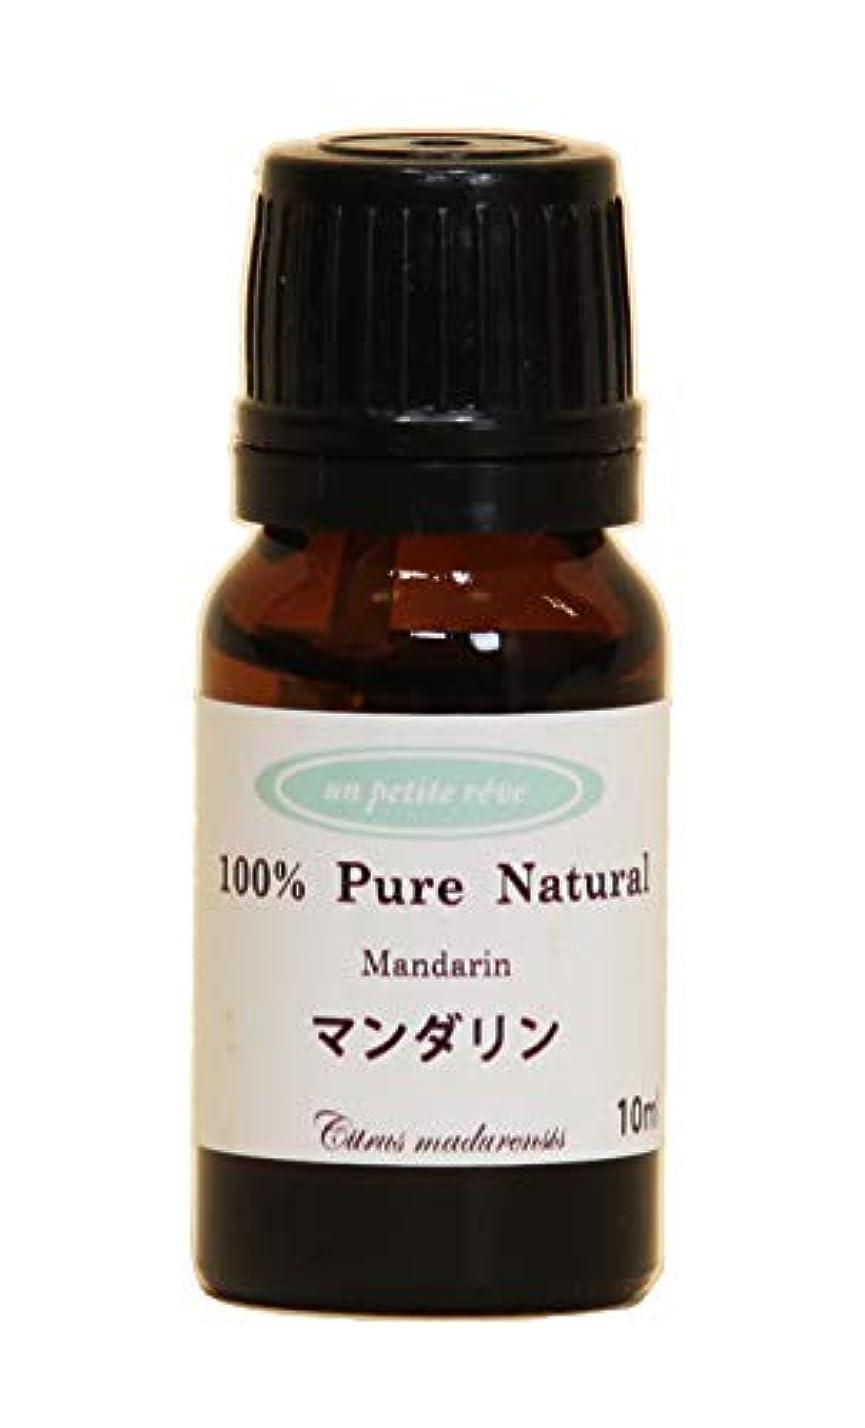 後火薬鎖マンダリン 10ml 100%天然アロマエッセンシャルオイル(精油)